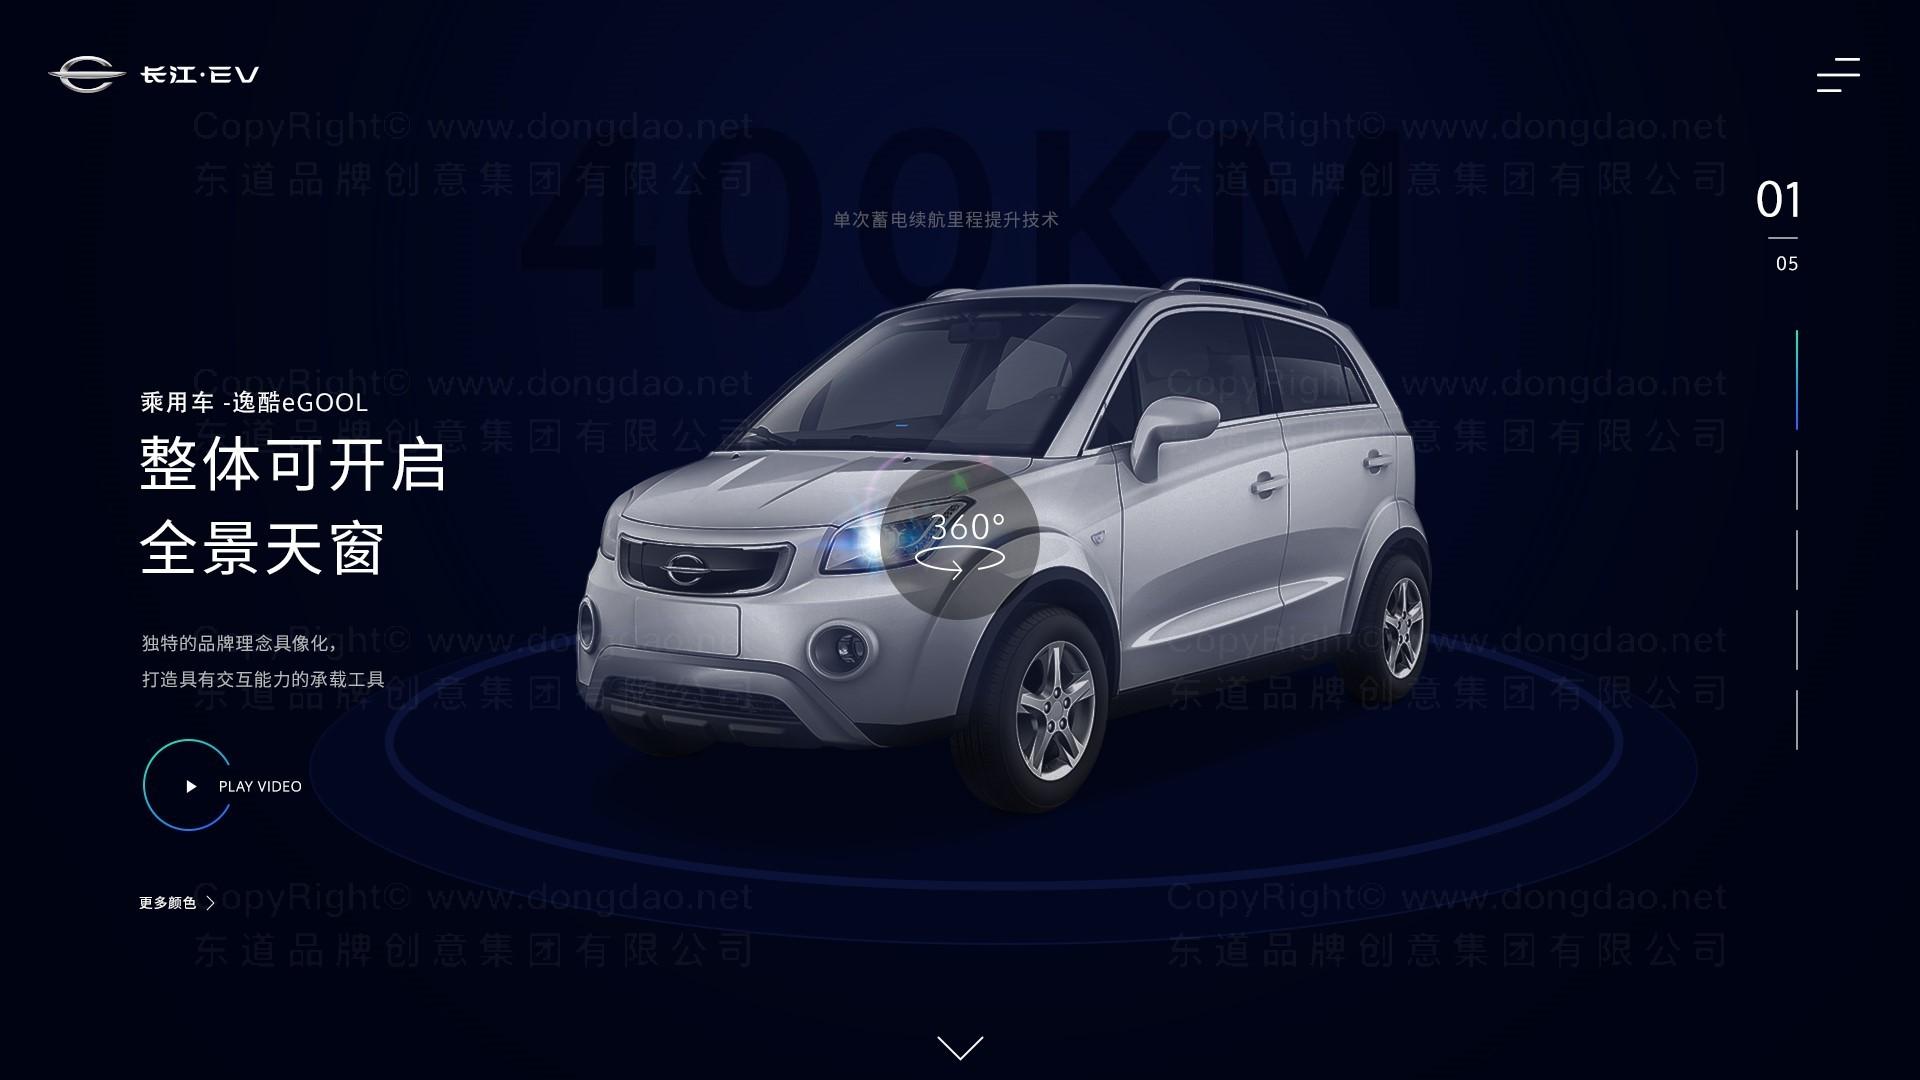 长江汽车网站设计应用